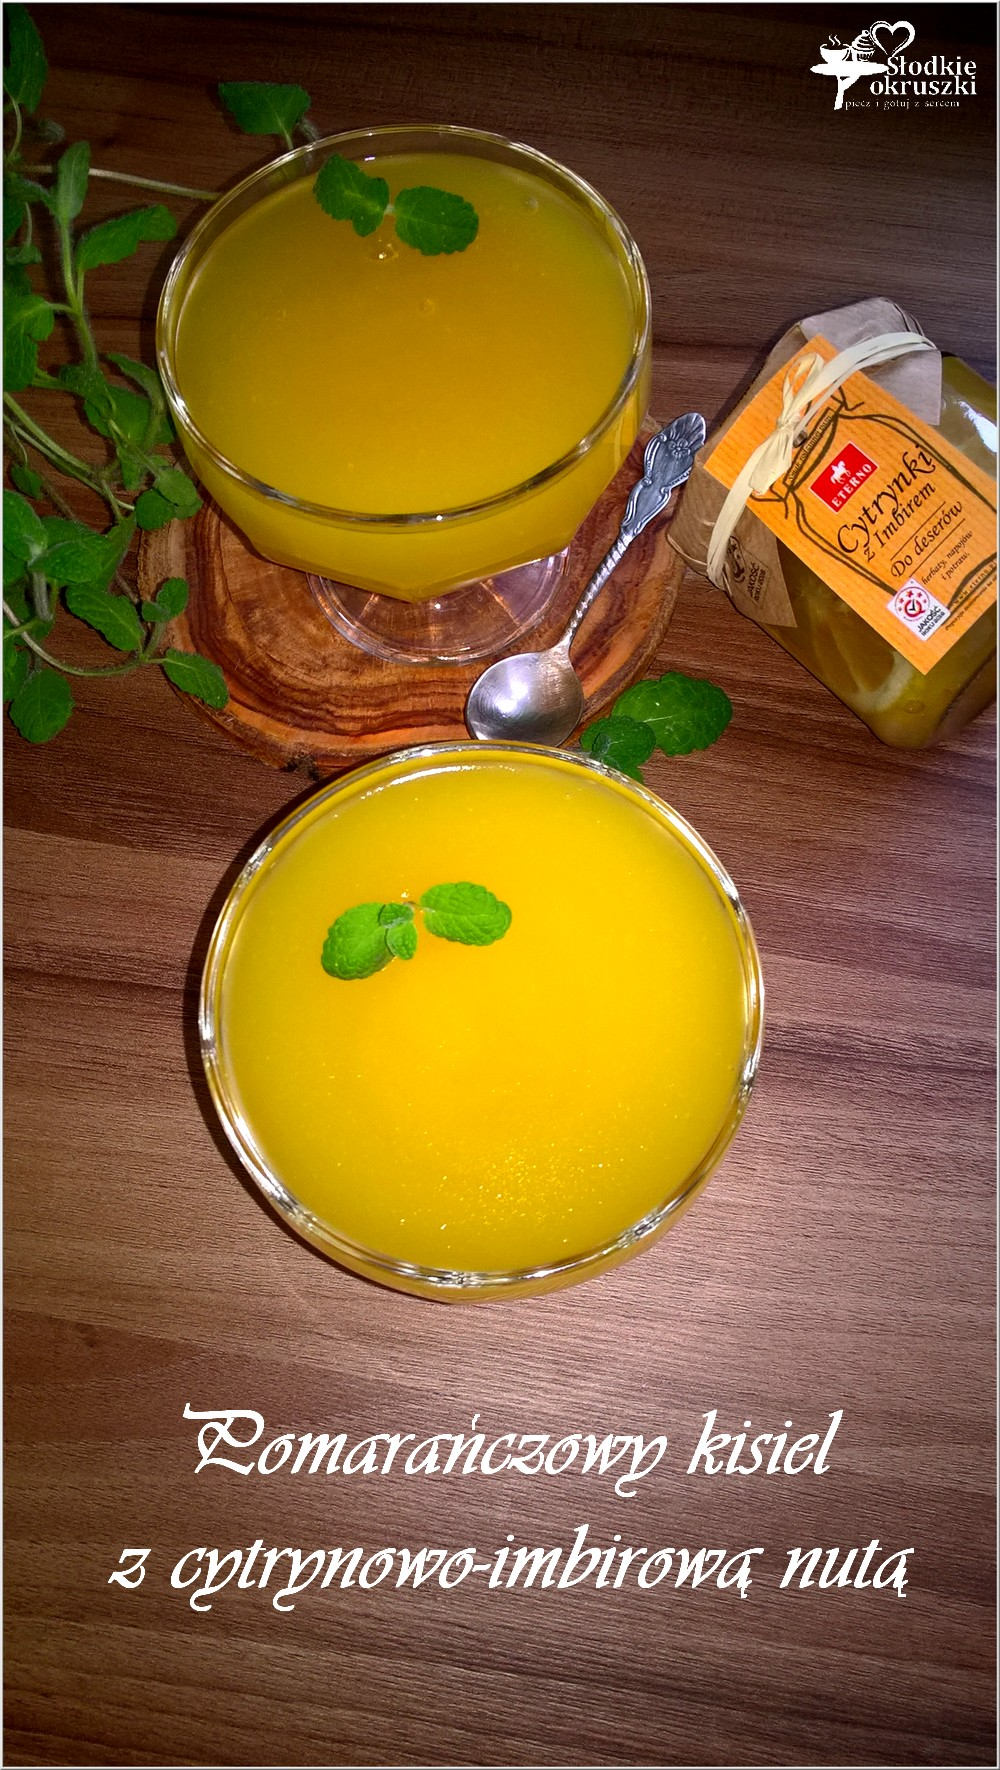 Pomarańczowy kisiel z cytrynowo-imbirową nutą